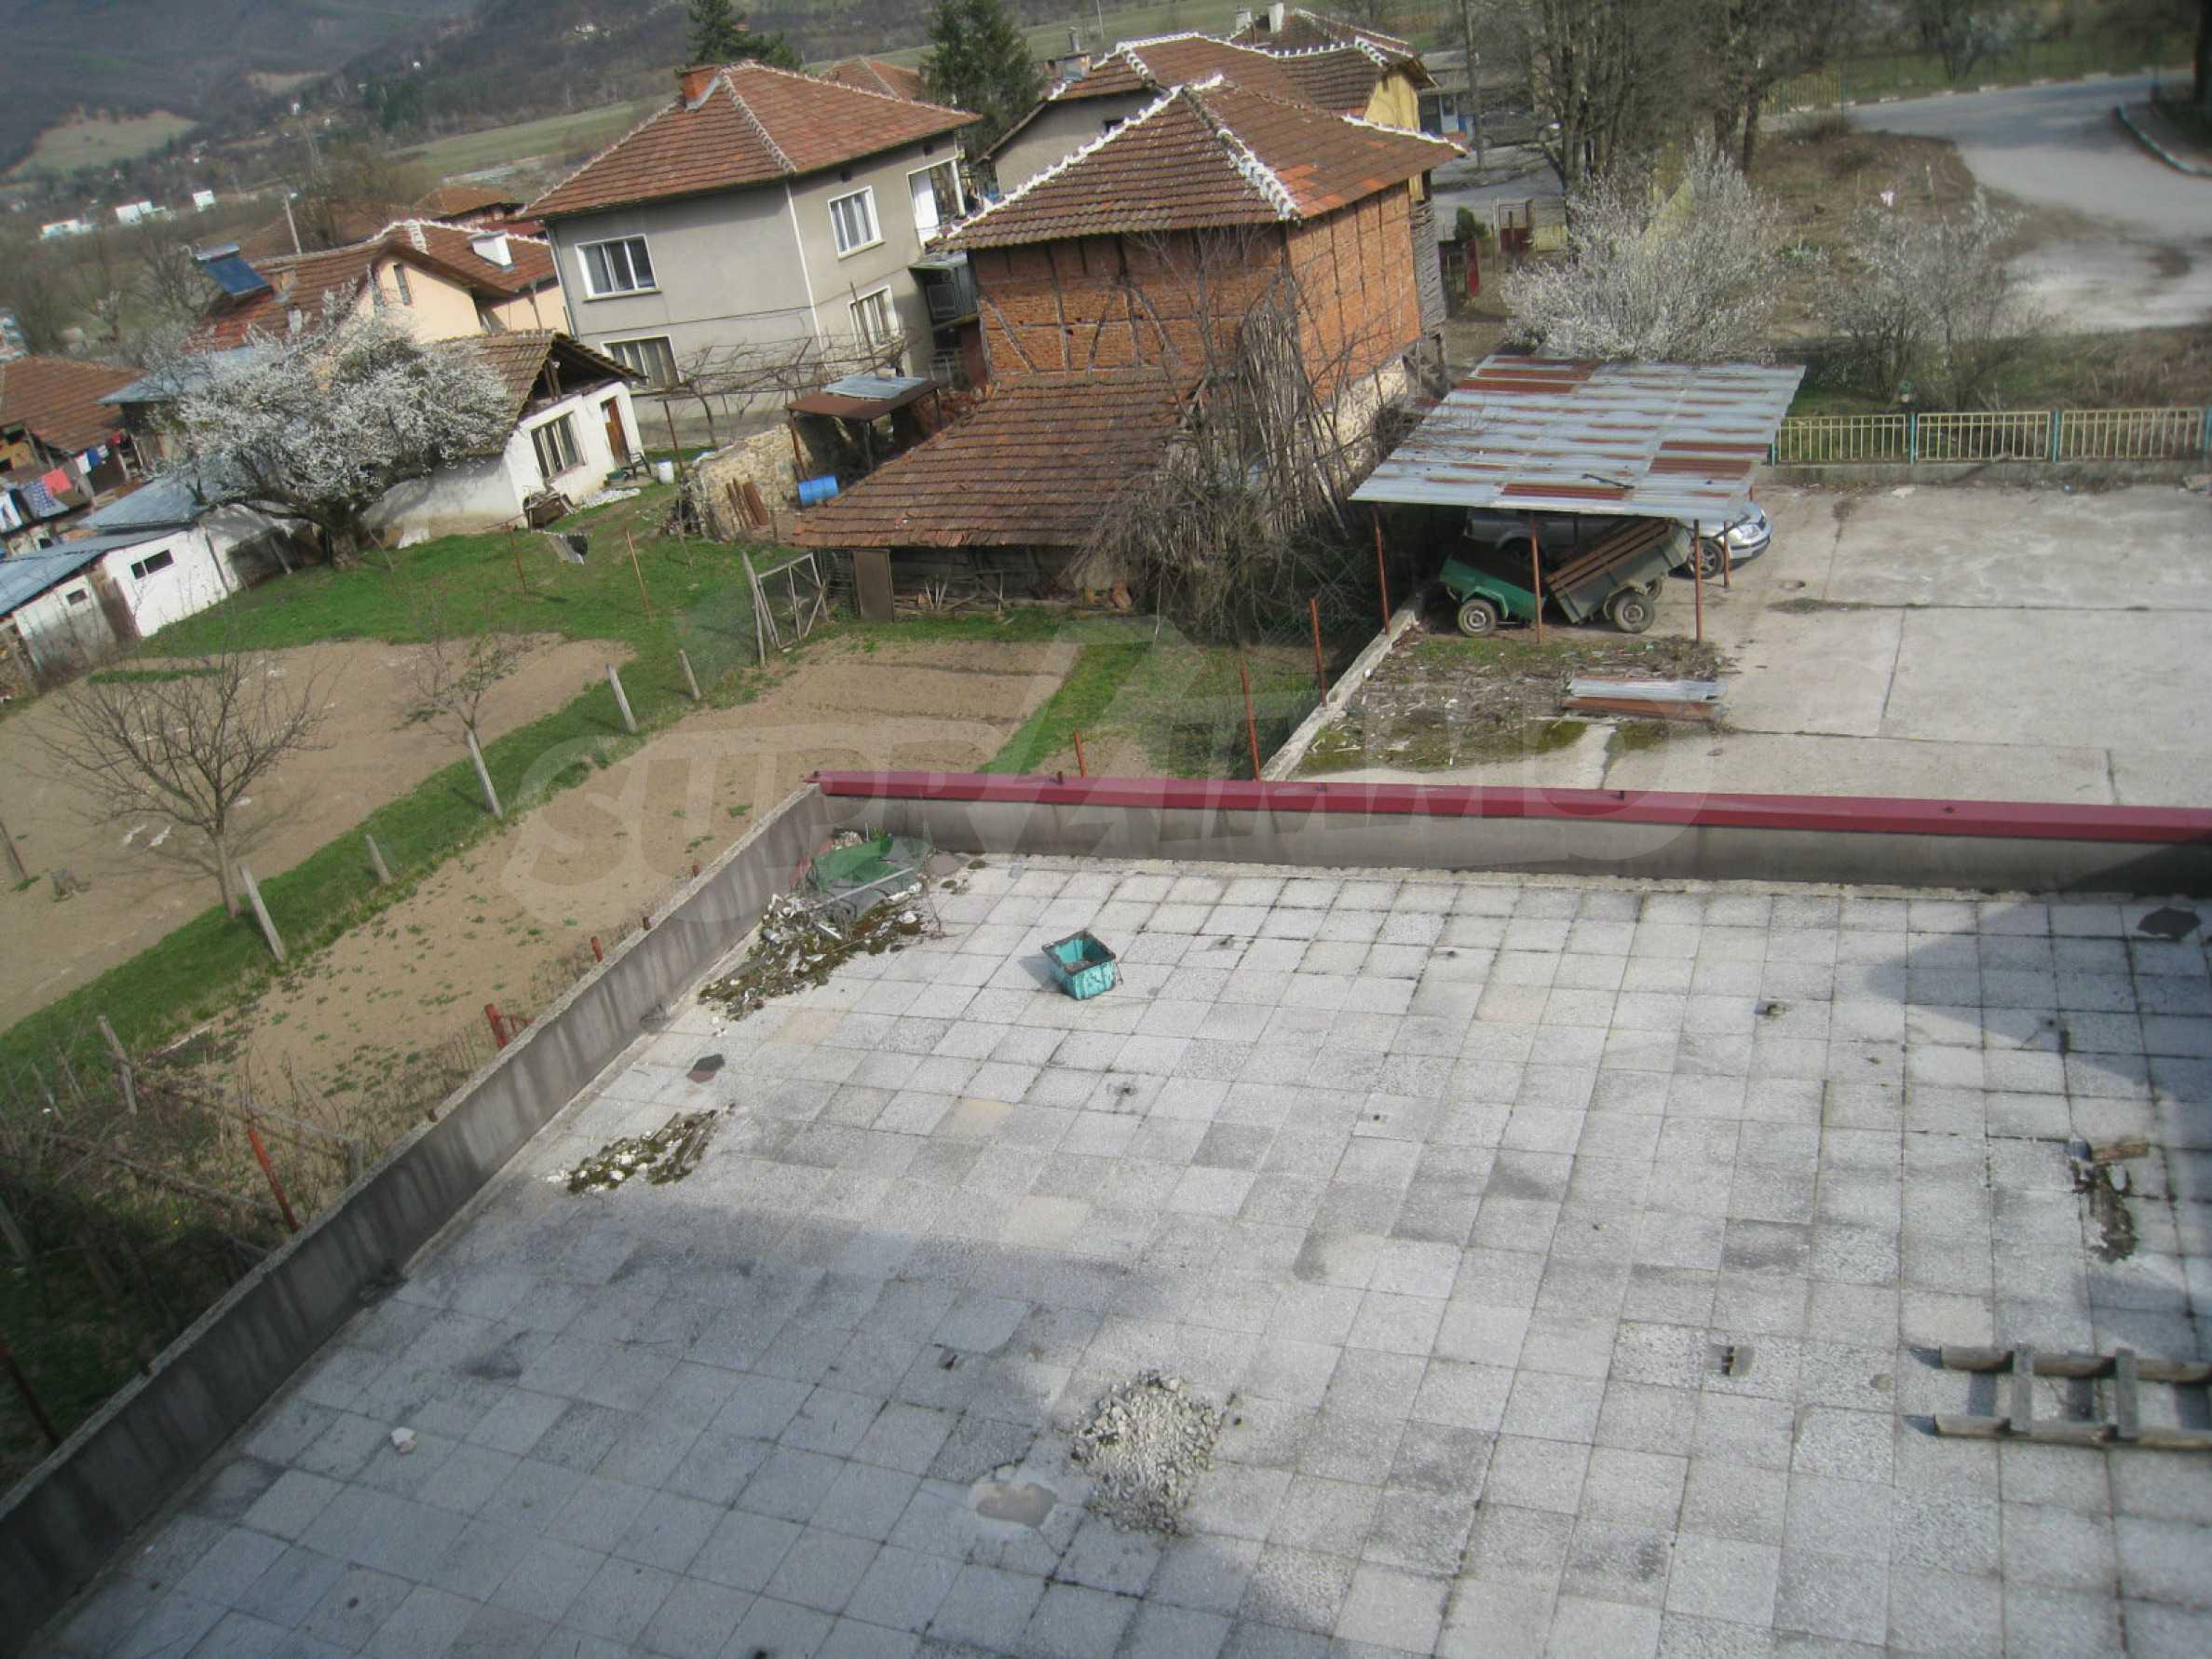 Hotelanlage mit Schwimmbad, Tankstelle und großem Grundstück in Etropole 26